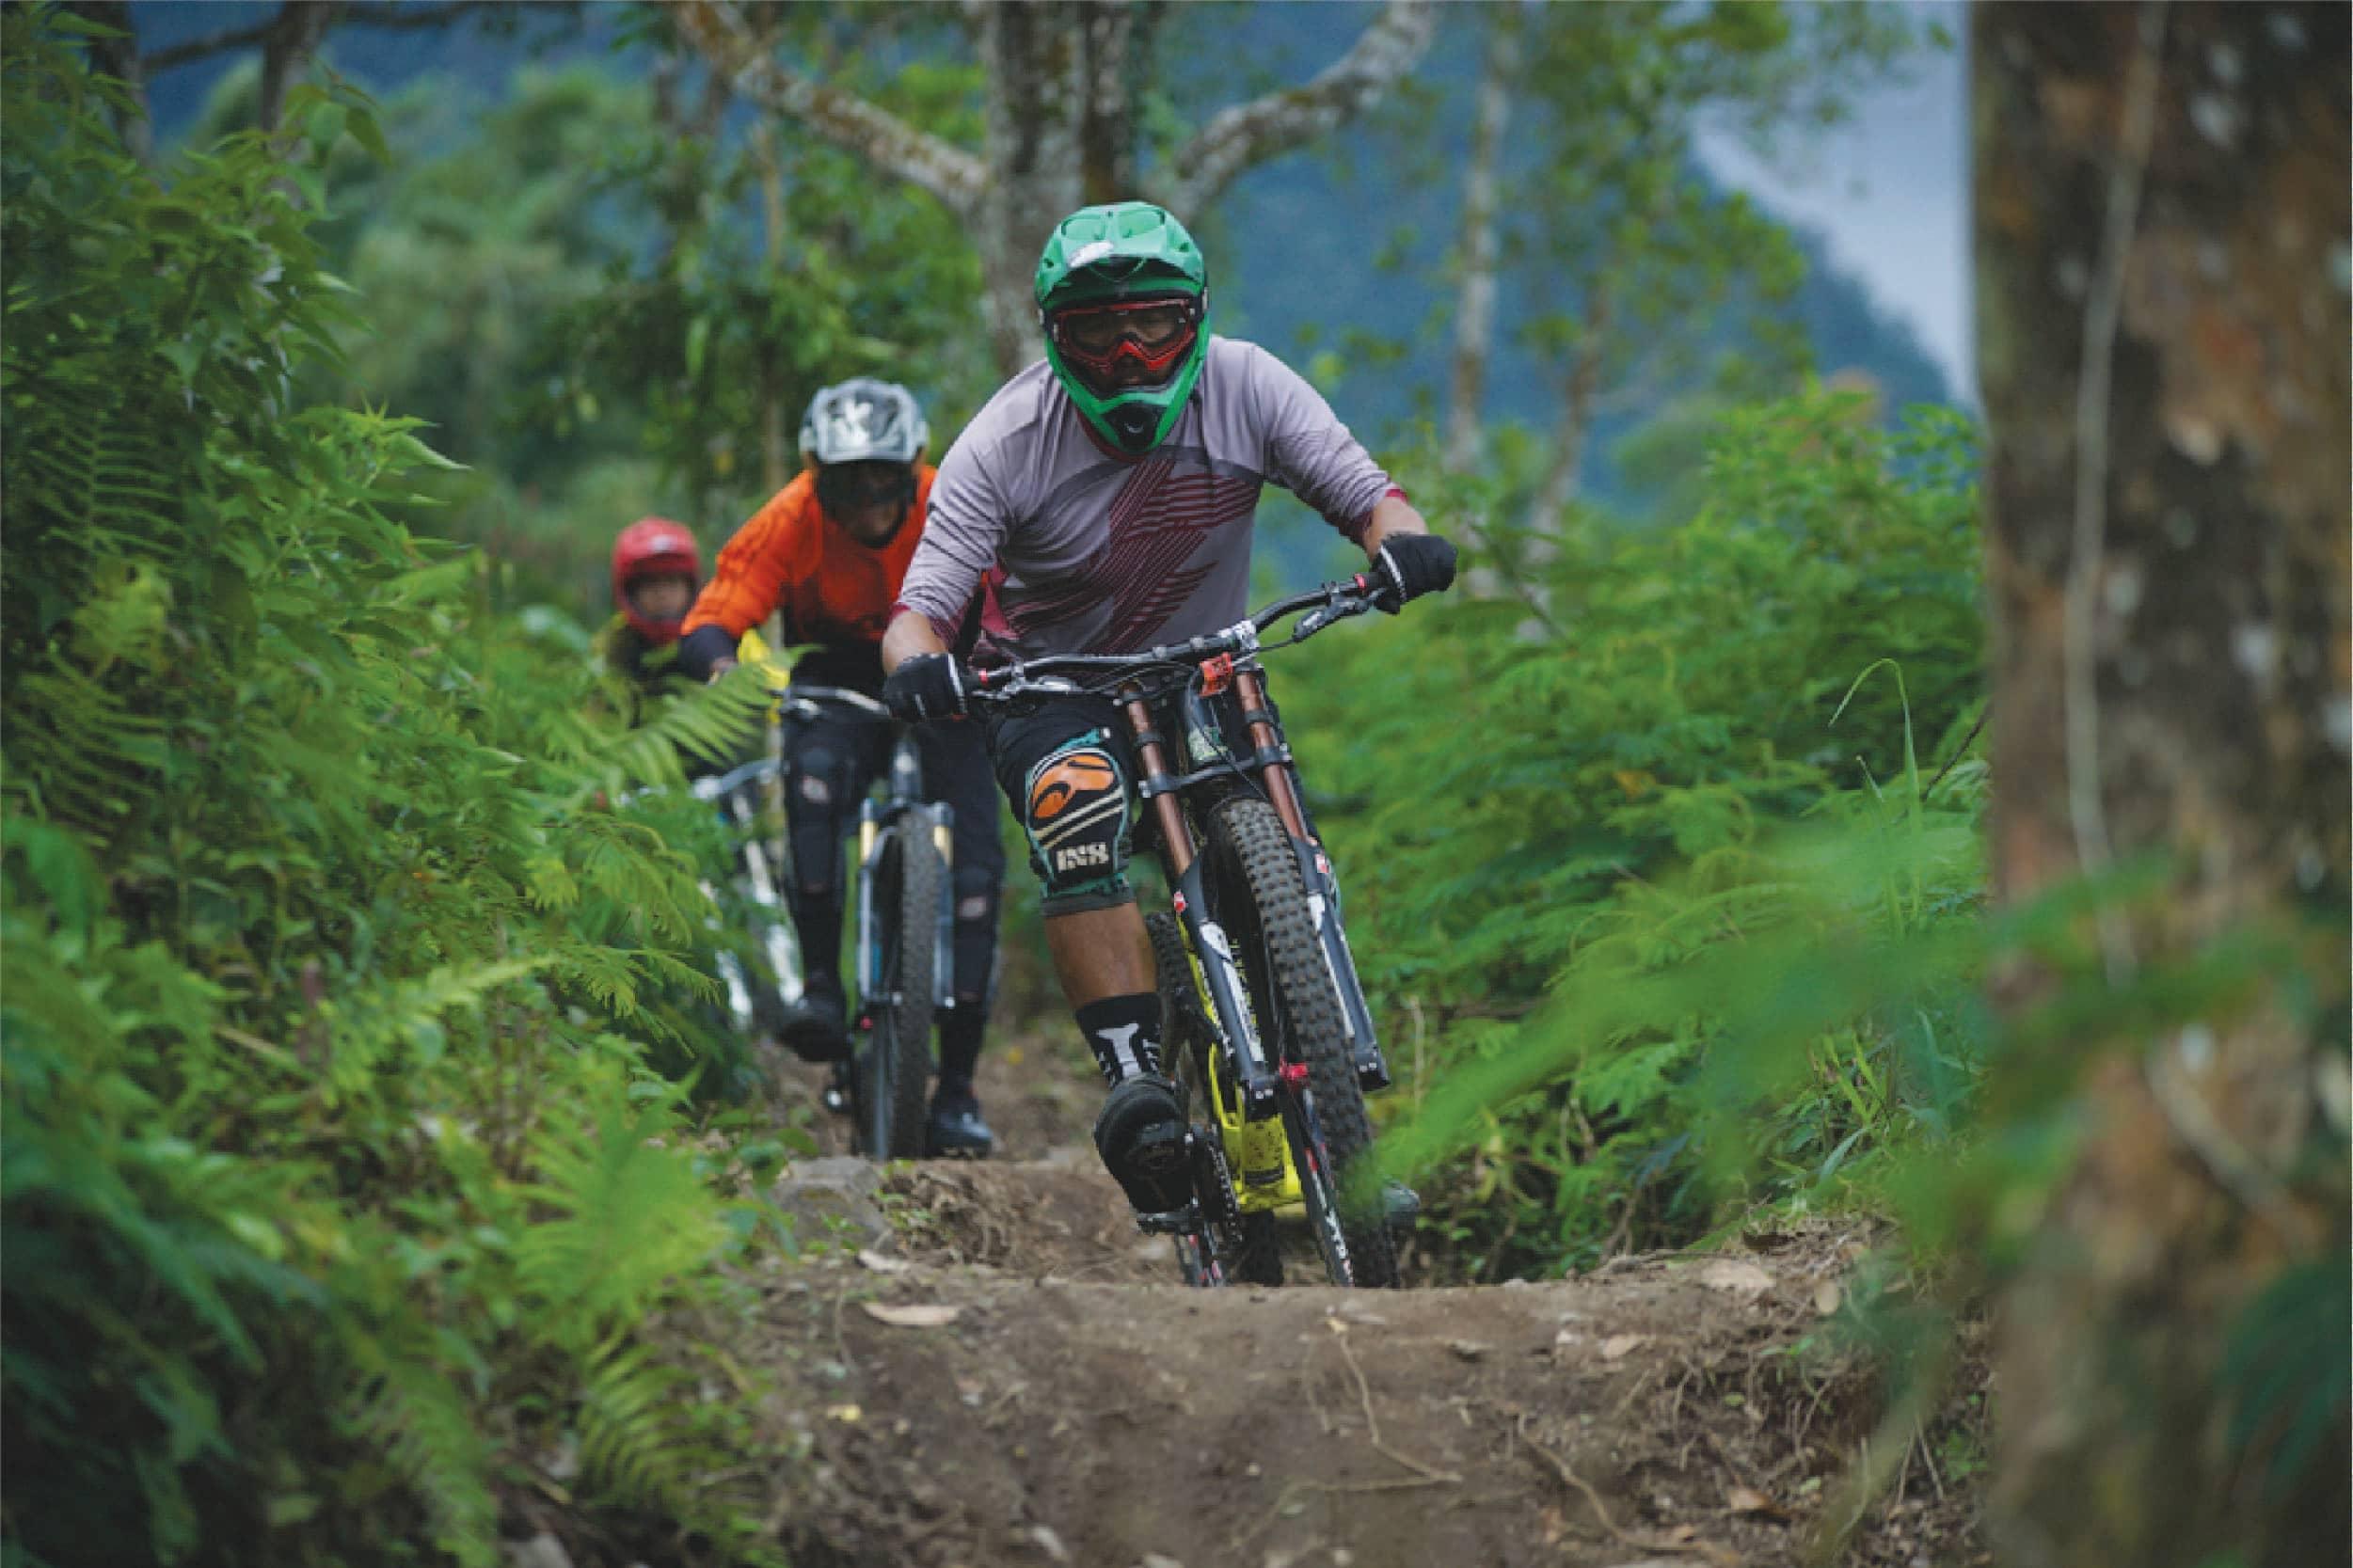 Dapatkan Adrenalin Anda Bergegas dengan 9 Olahraga Ekstrim Ini di Indonesia!